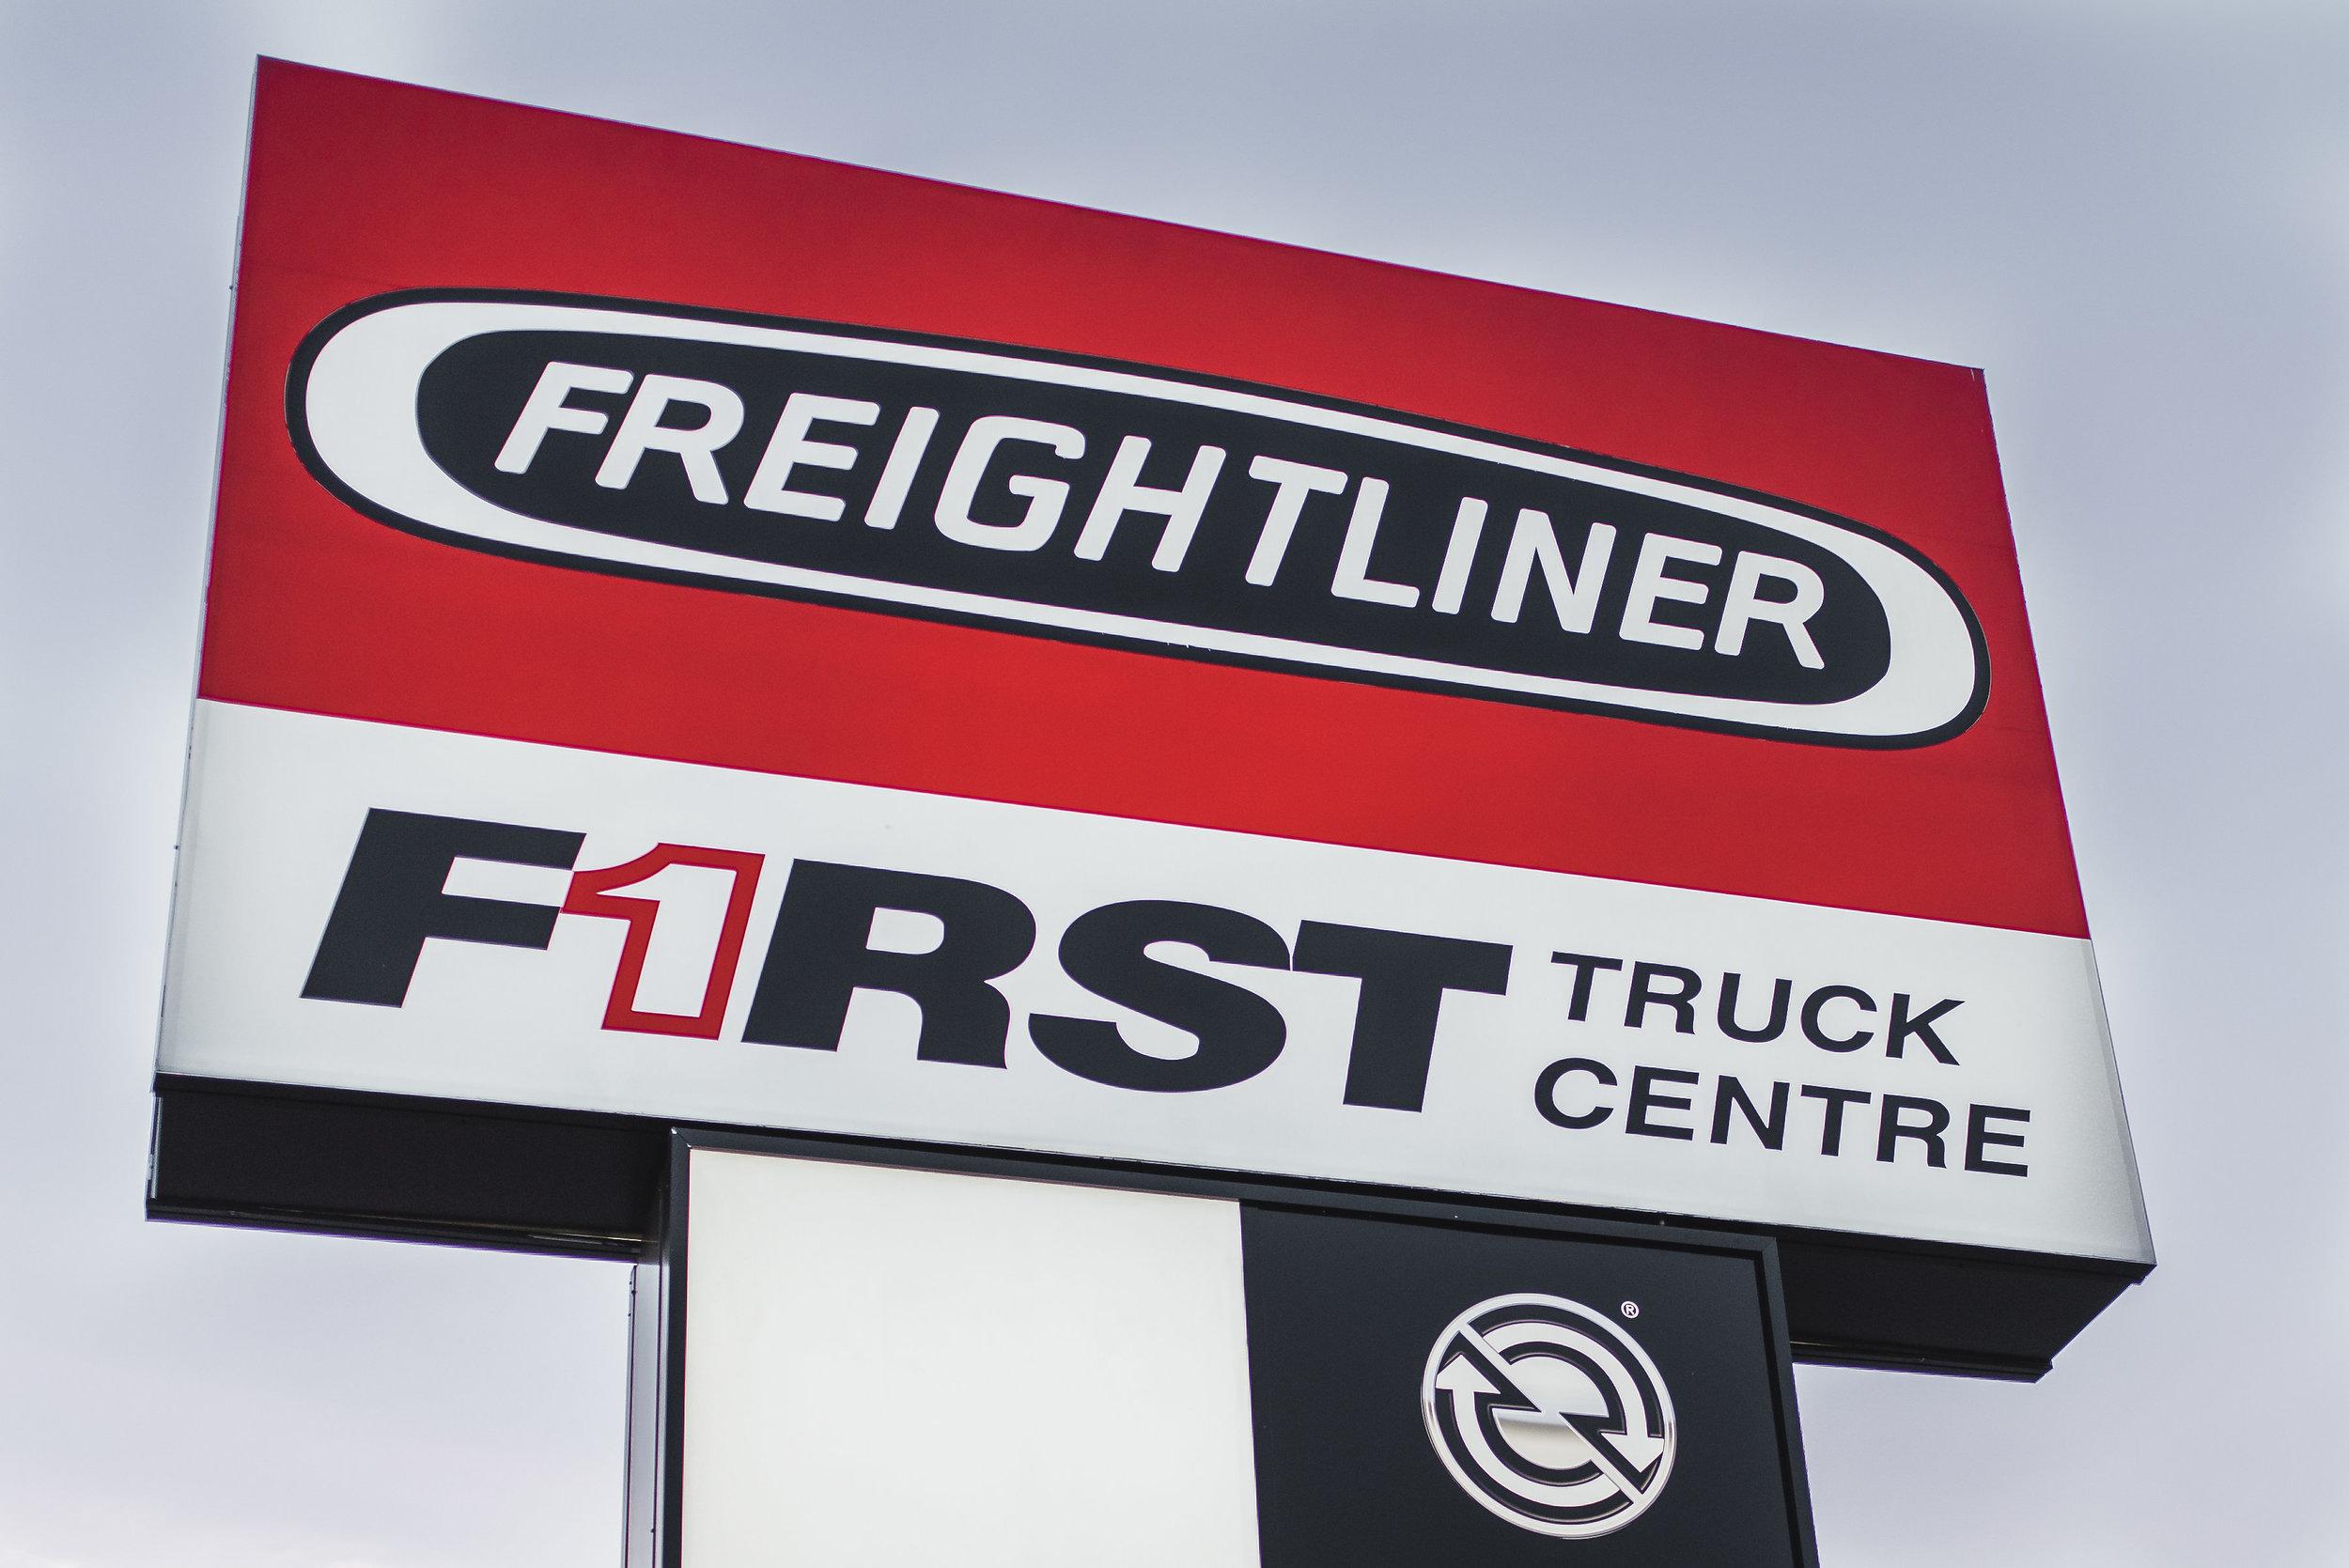 freightliner-0025.jpg